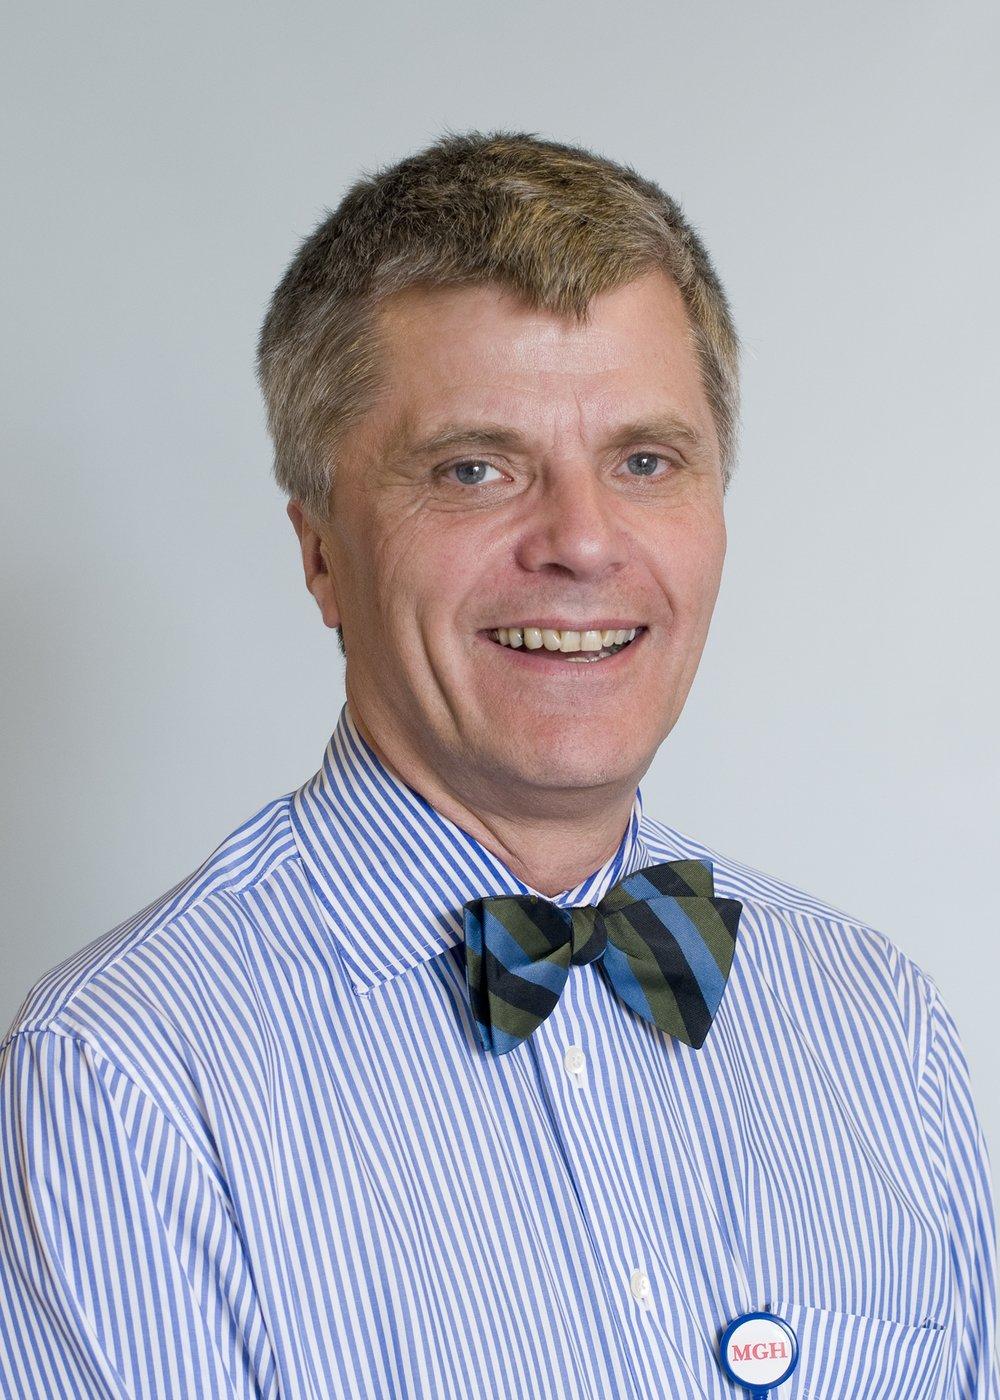 Dr. Harald Jueppner